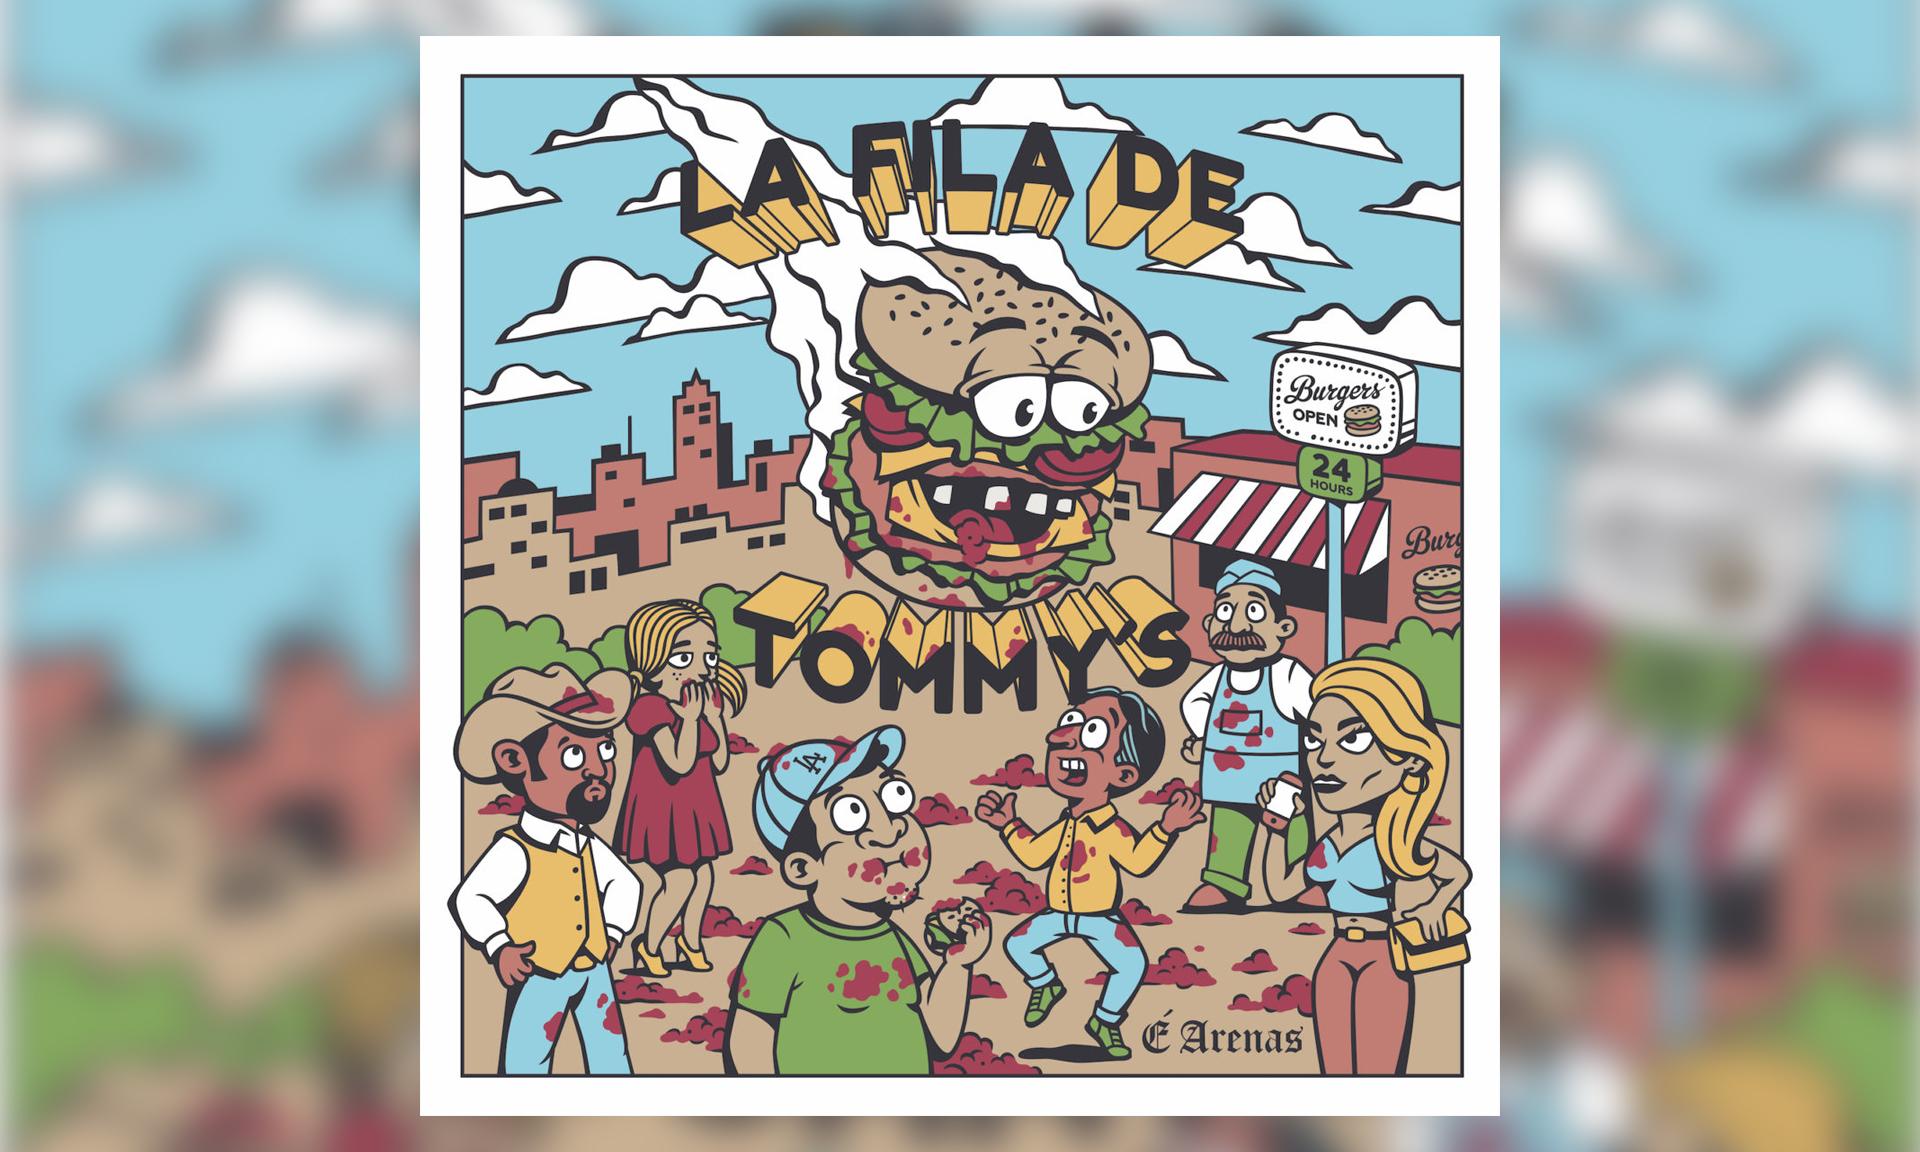 """É Arenas of Chicano Batman Drops New Muisc """"La Fila de Tommy's"""" and """"Chili, Chili, Chili"""""""